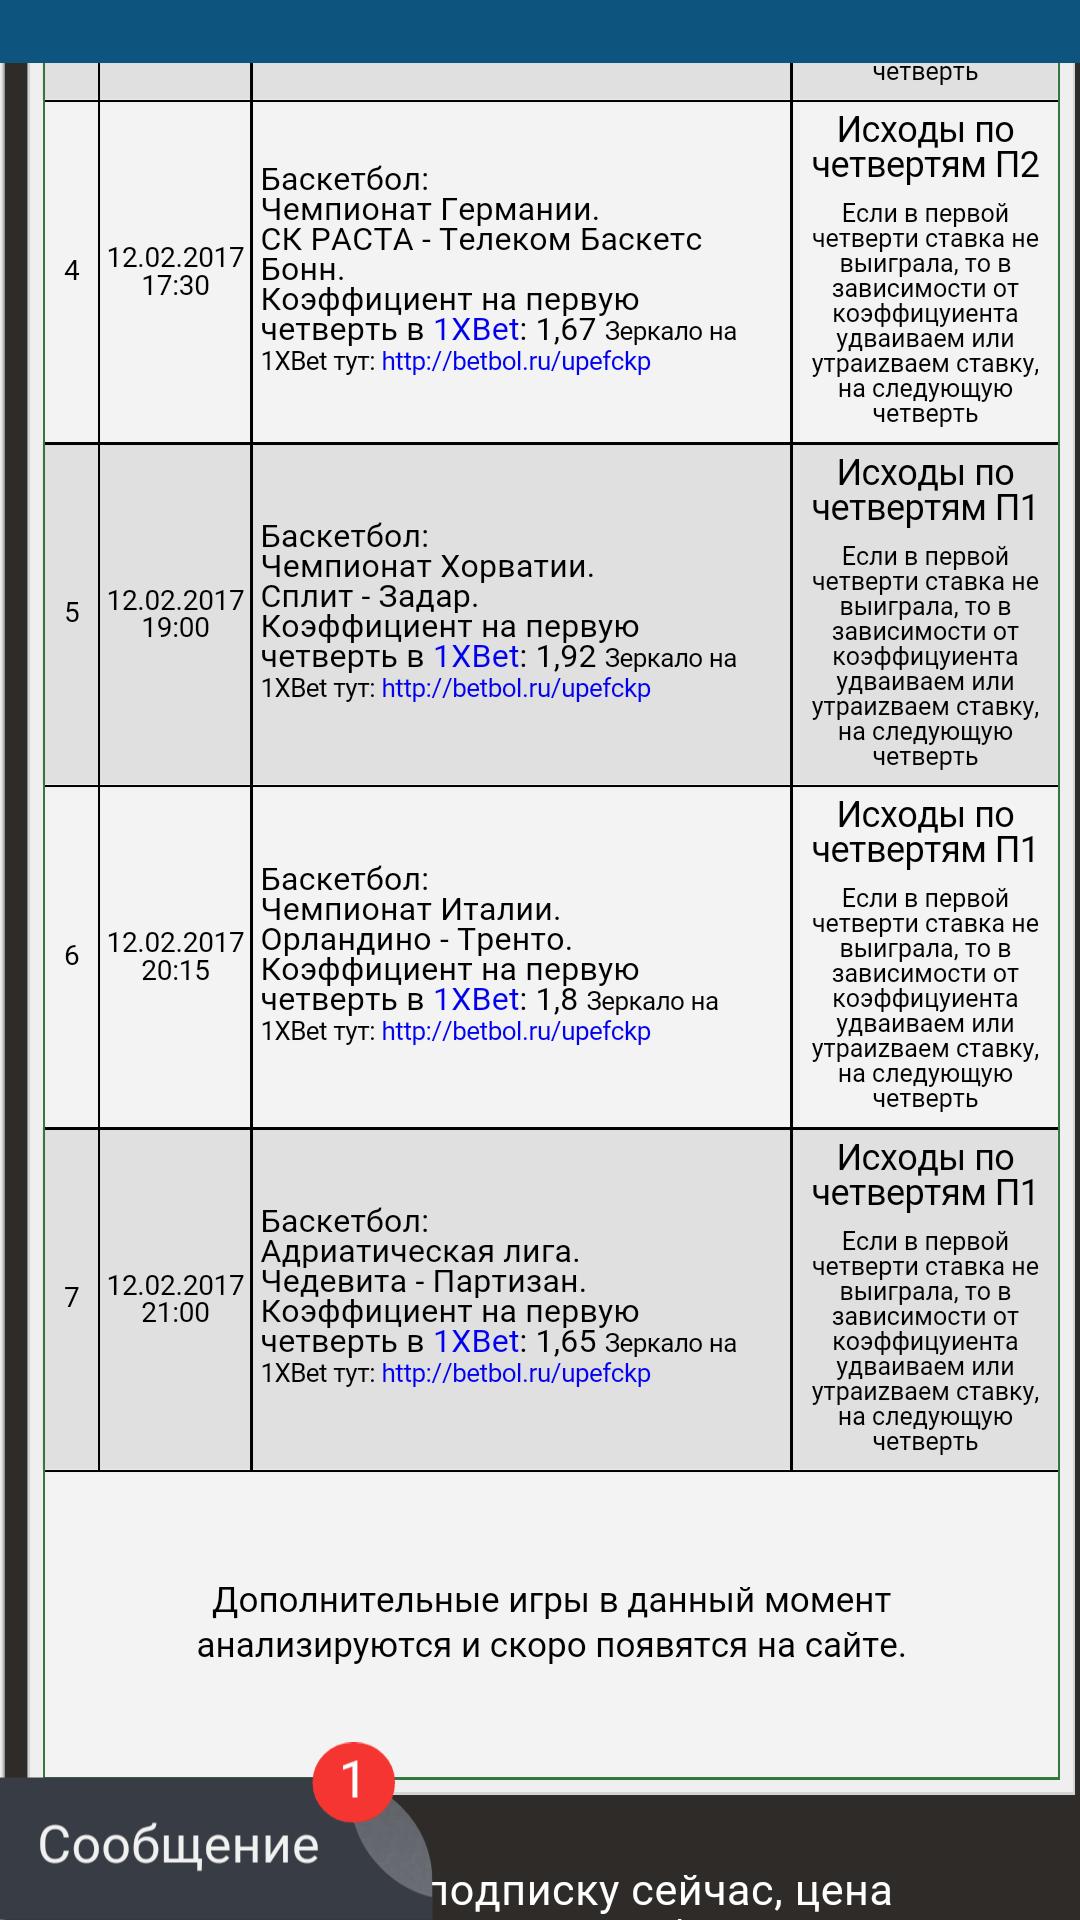 Прогнозы На Матчи 4-5 Октября